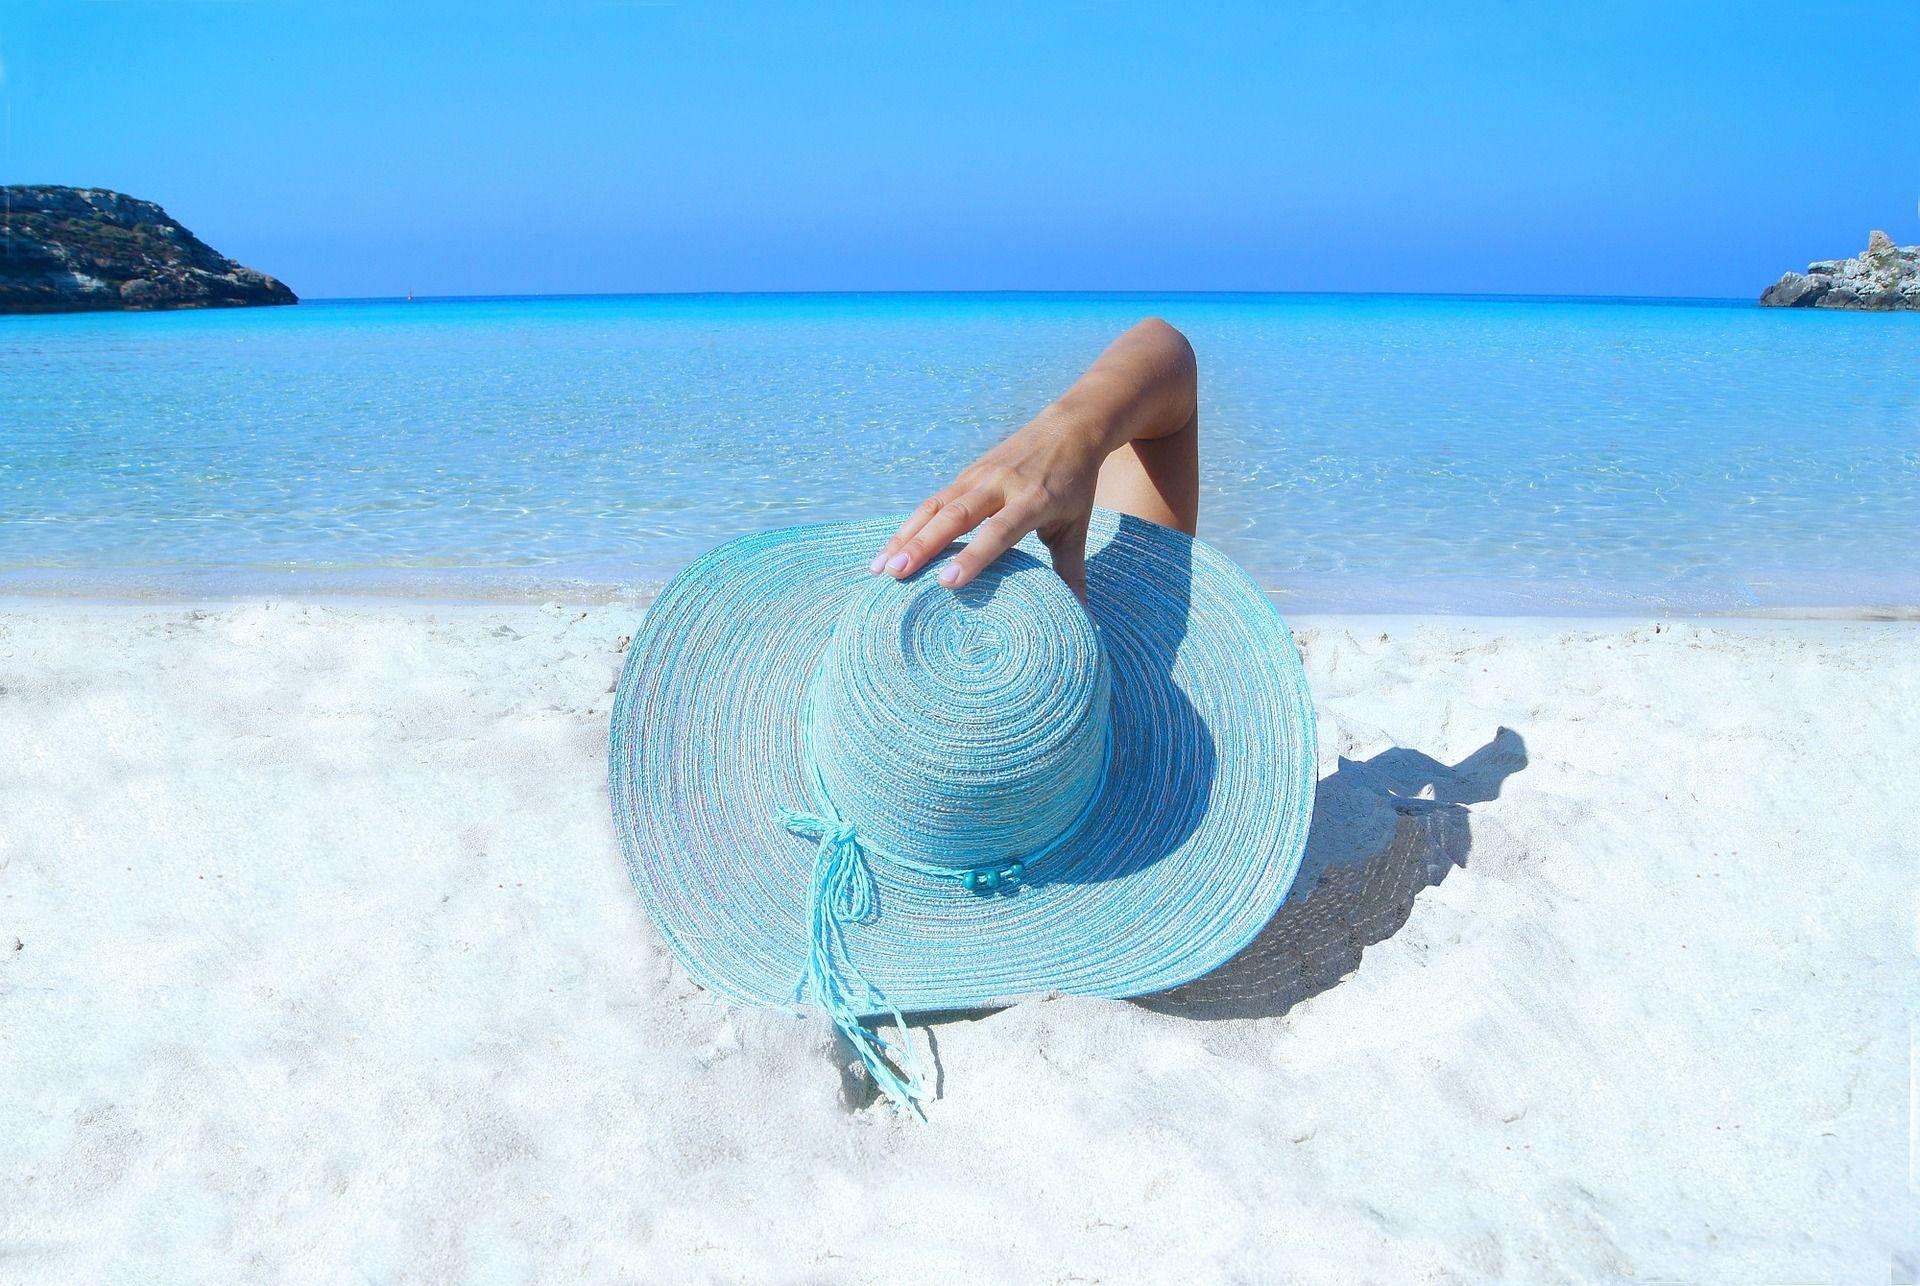 Pláž. Ilustrační foto: Pixabay.com/skeeze